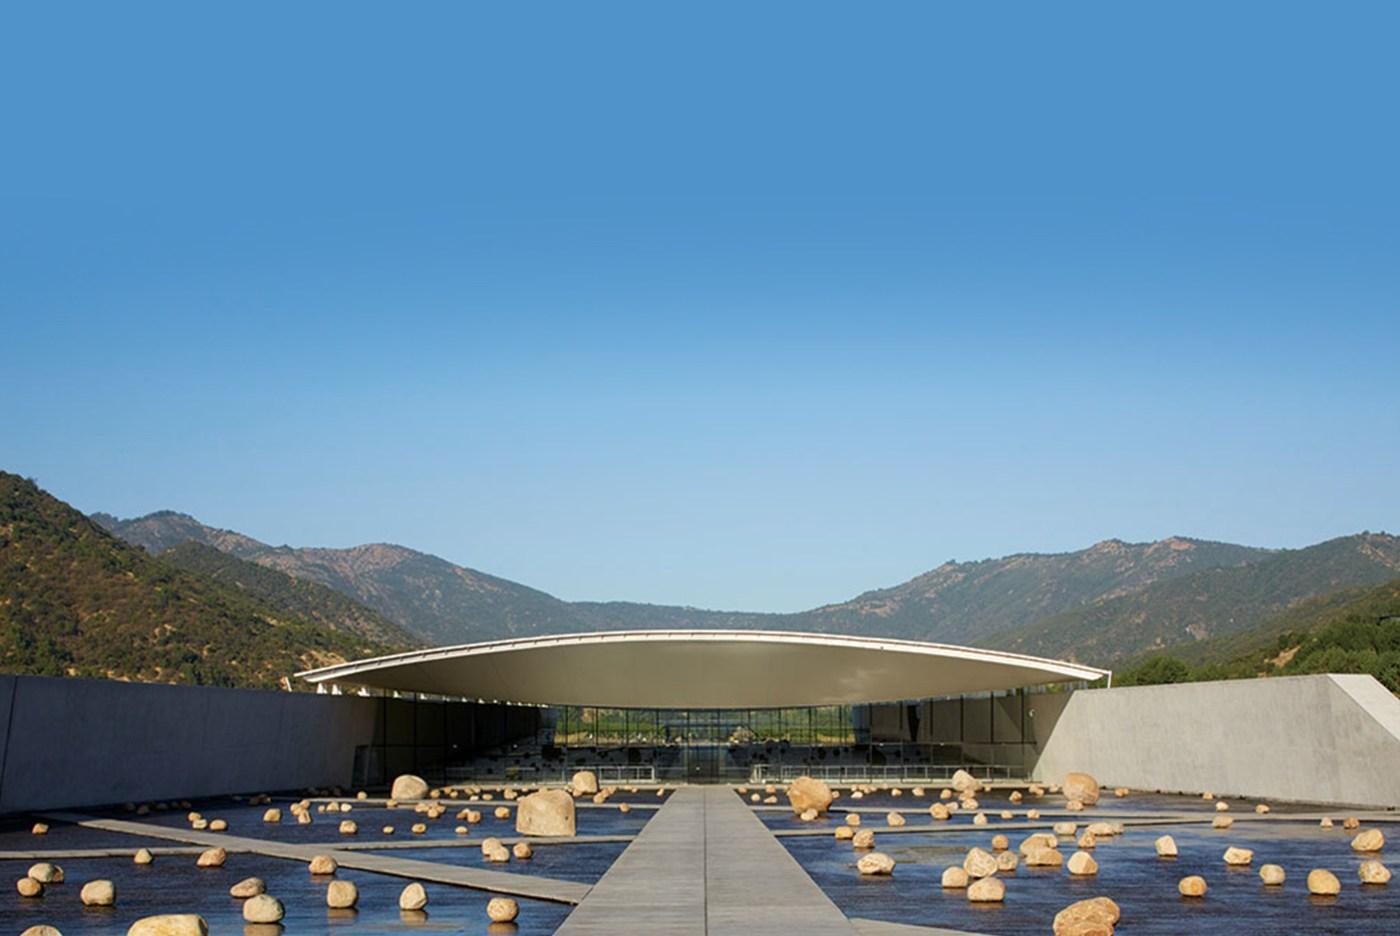 Vinã Vik: Vinícola e Hotel Boutique em Paisagens Espetaculares no Chile - Picchioni pelo Mundo